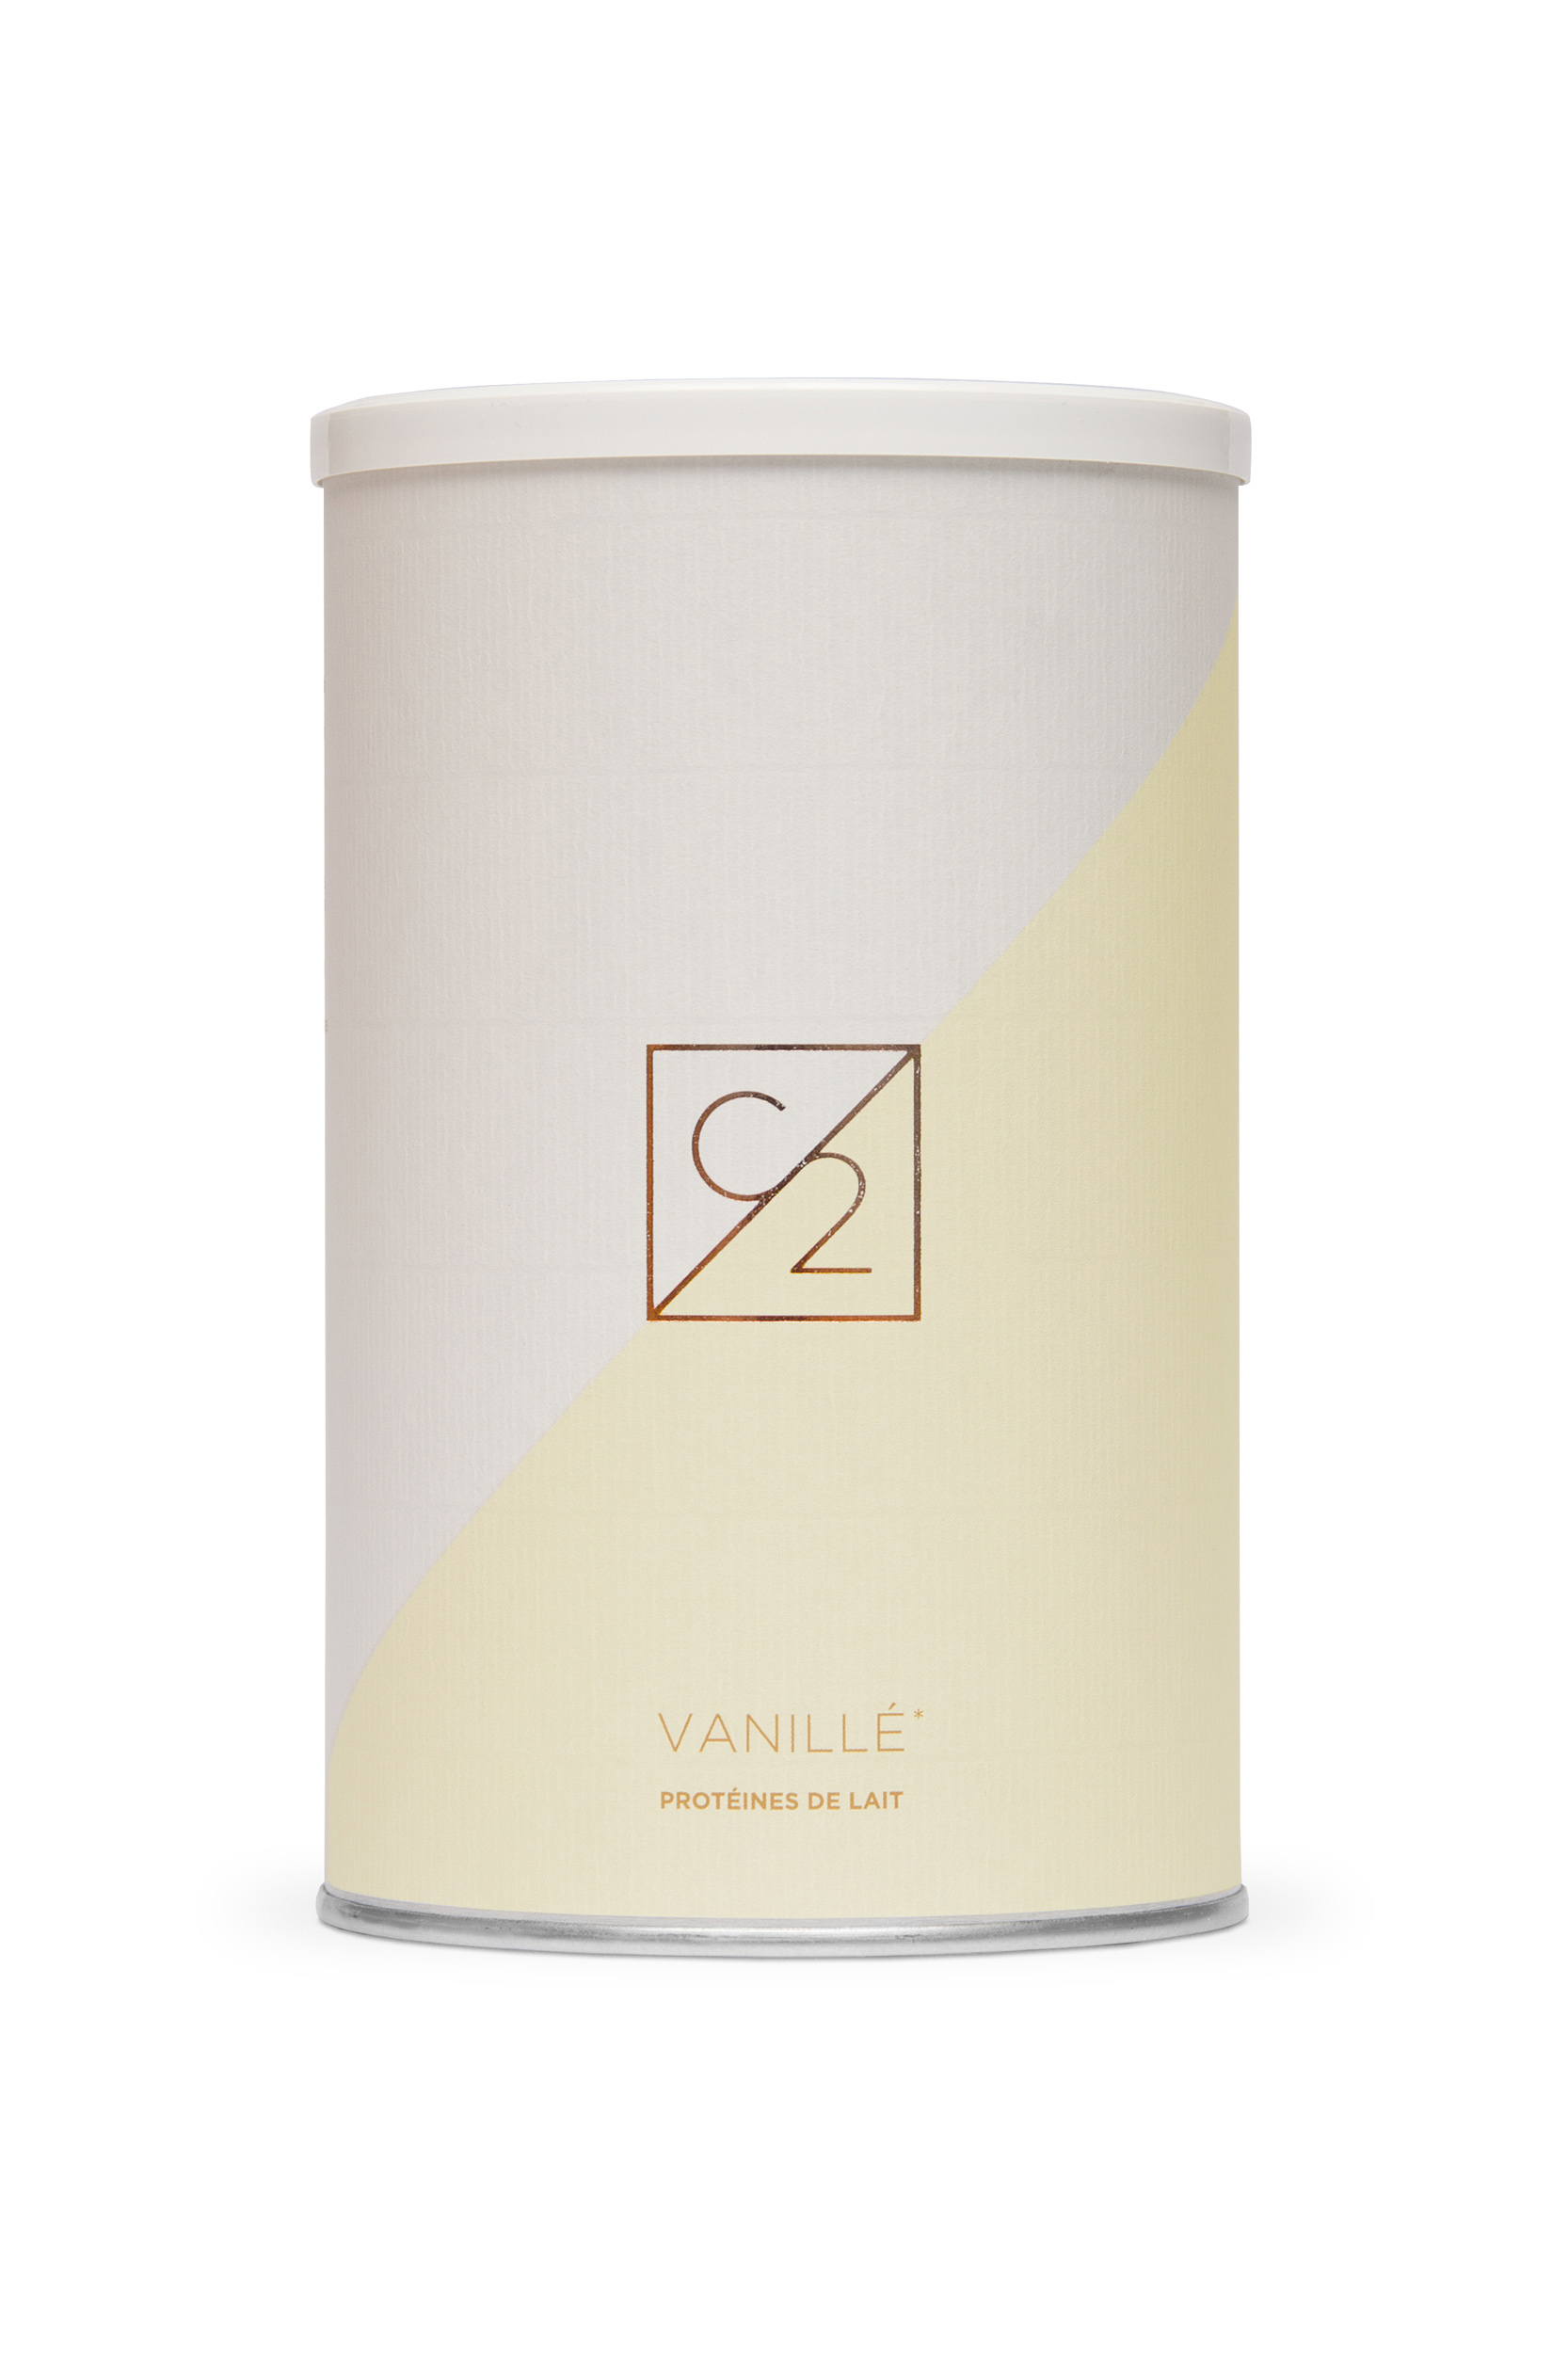 Protéines de lait (Vanille) - 350g / 19,90€